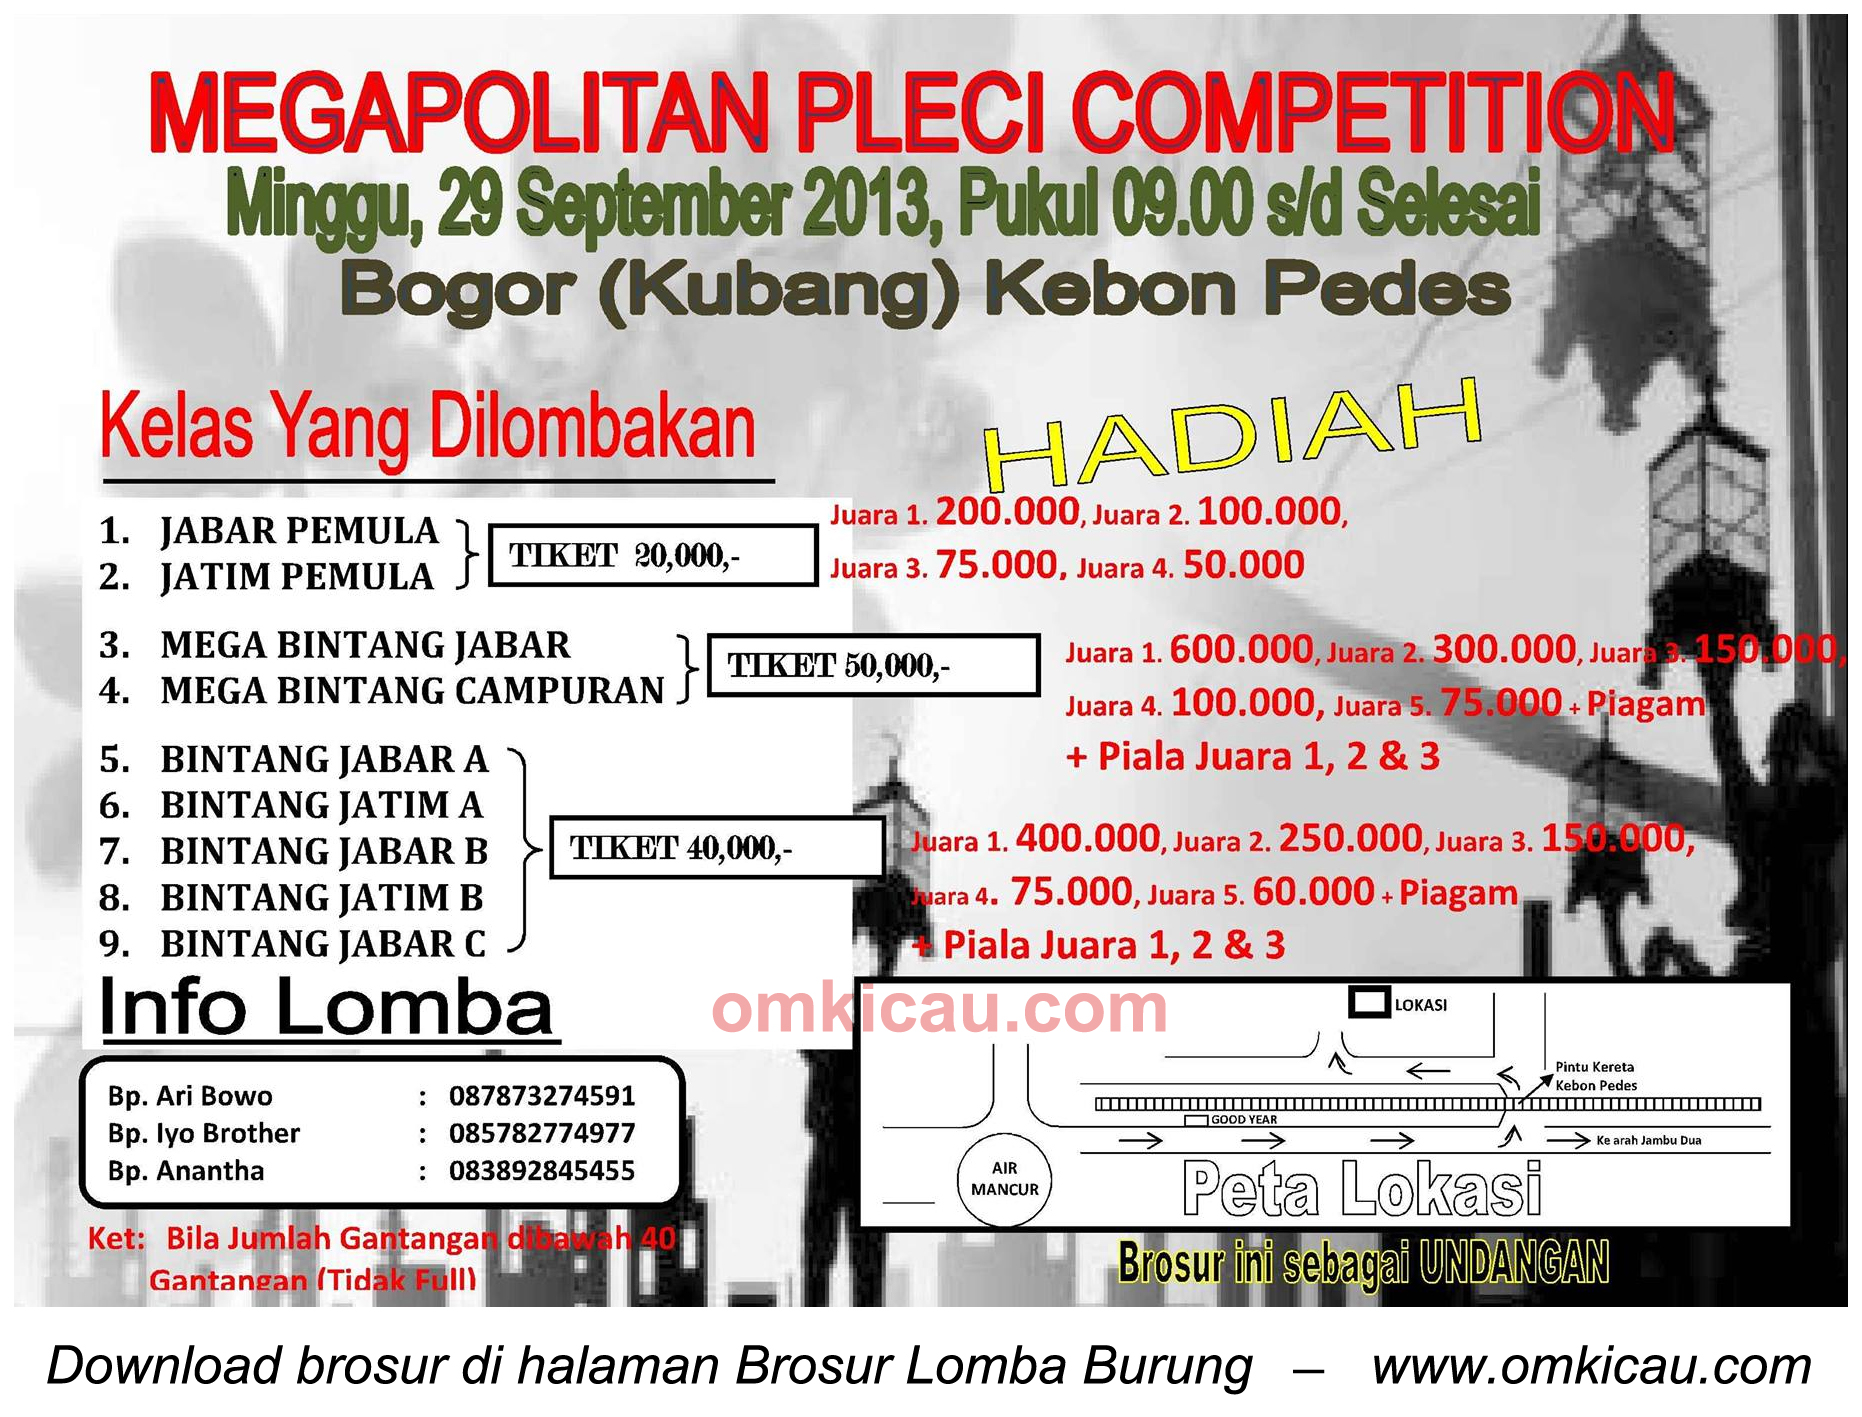 Brosur Megapolitan Pleci Competition, Bogor, 29 September 2013